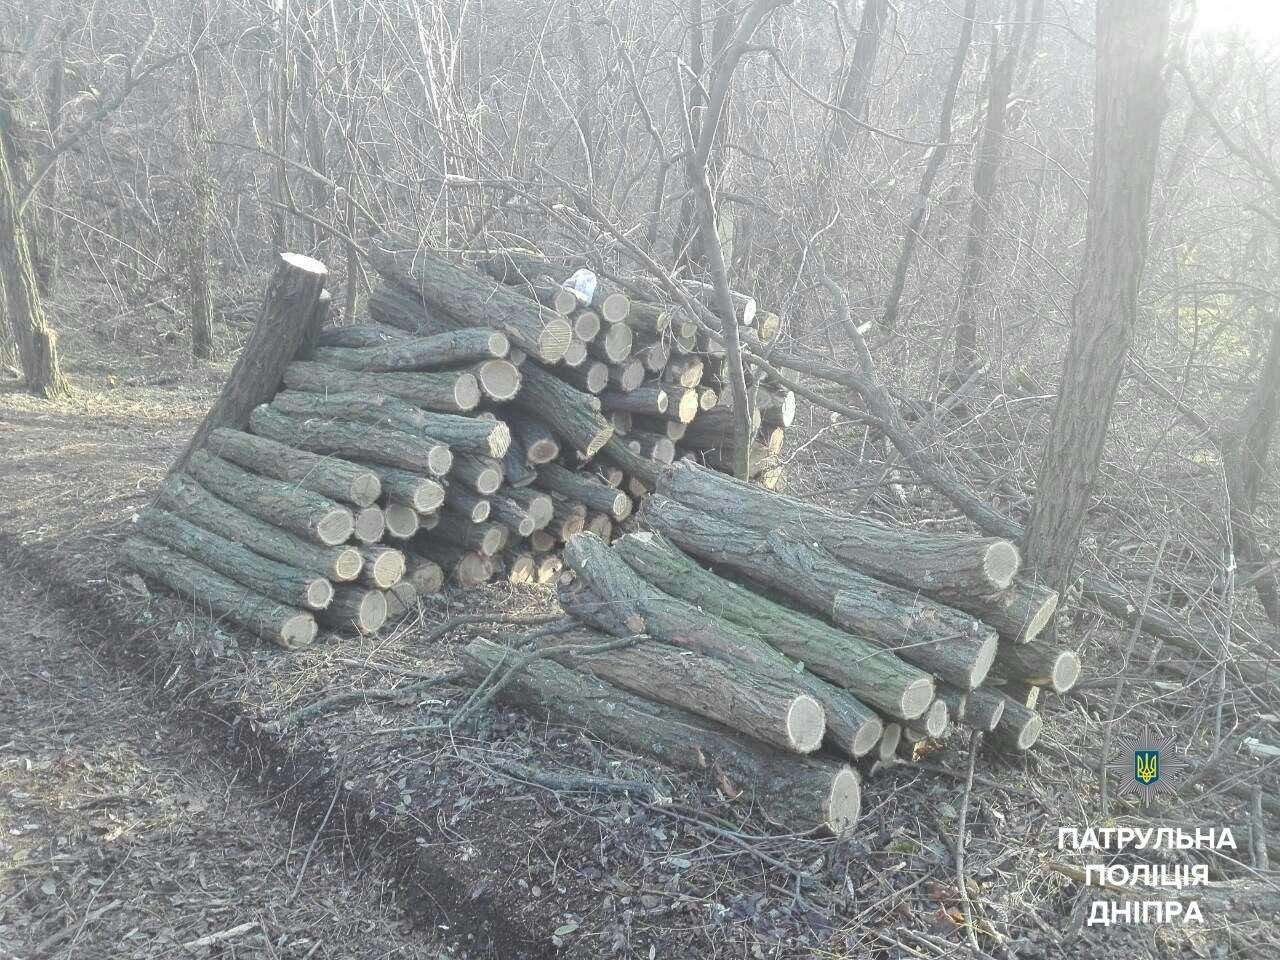 В заповеднике Днепропетровской области задержали браконьера (ФОТО), фото-3